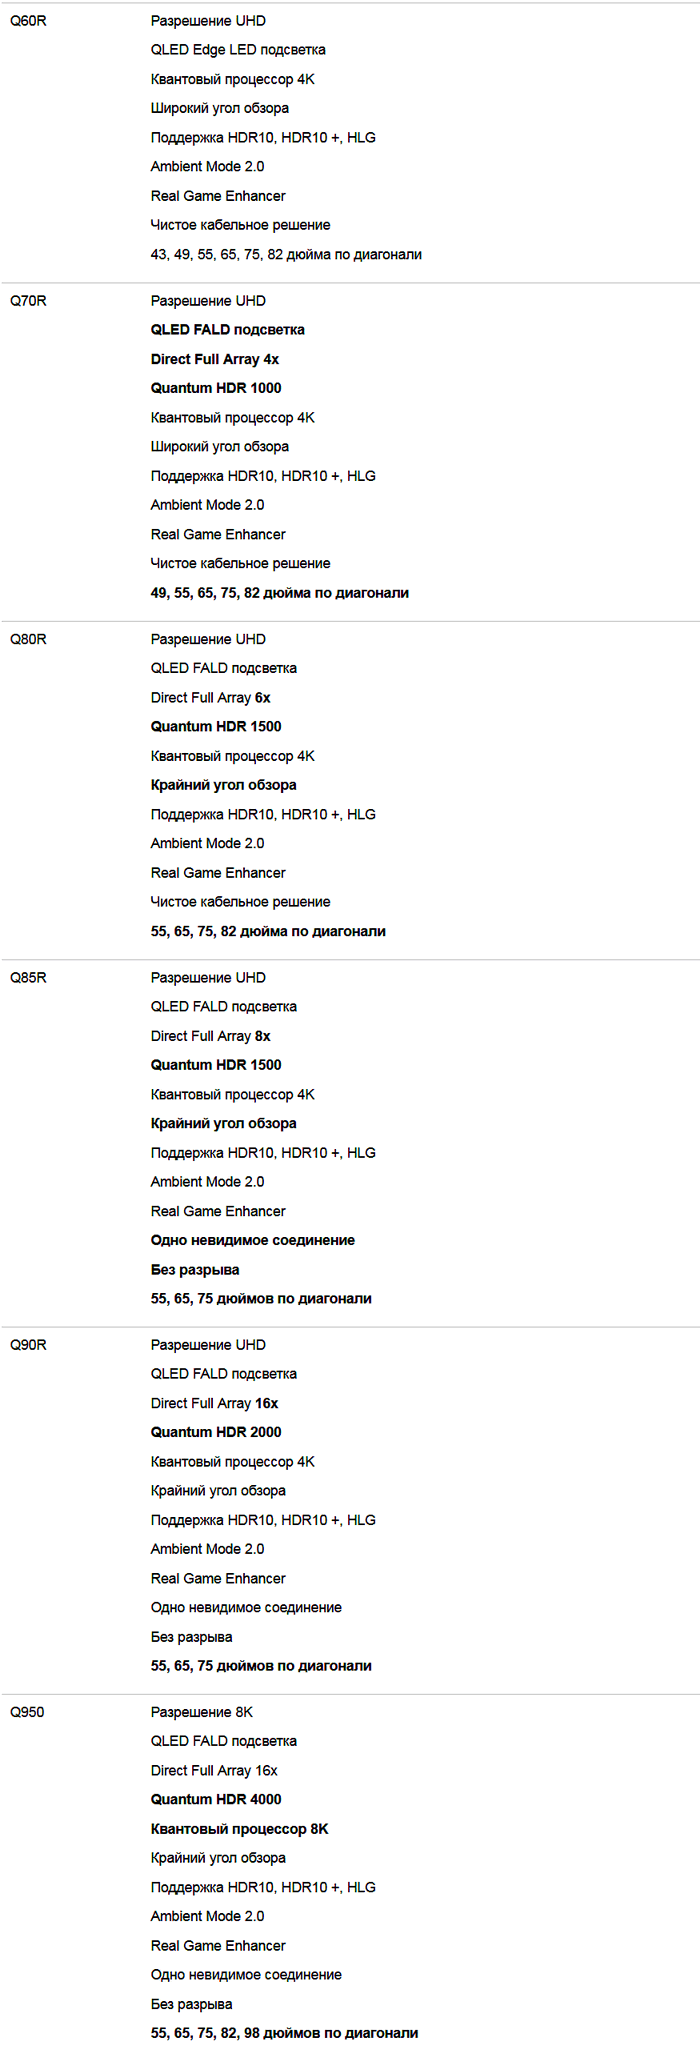 Таблица отличий QLED 2019 от Samsung